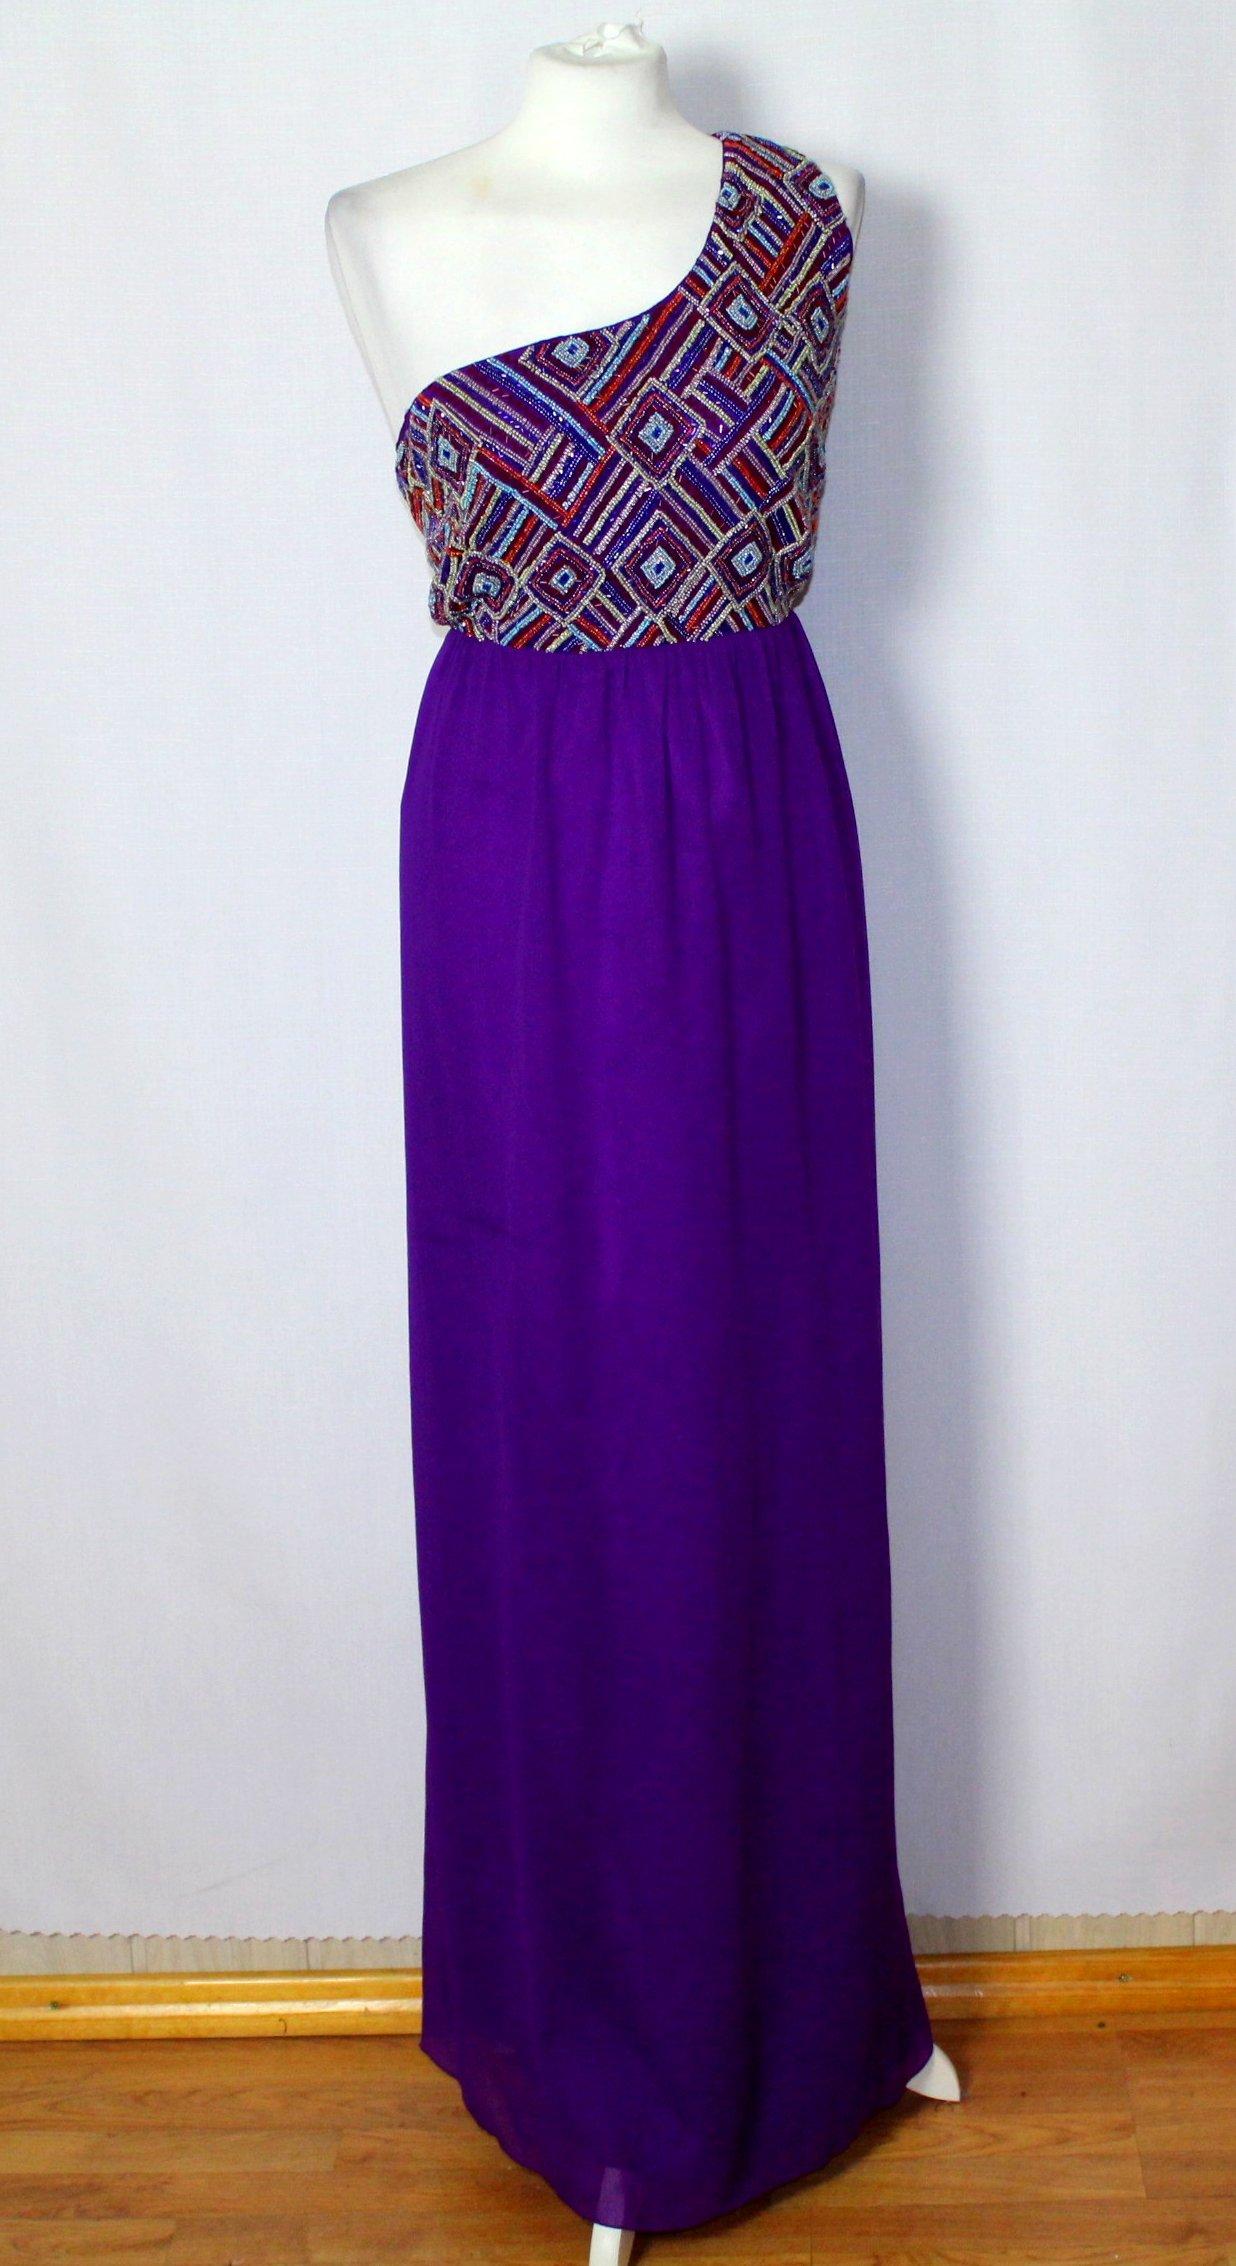 2503bf4911 Długa maxi suknia cekinowa 46 18 3XL - 7111962049 - oficjalne ...